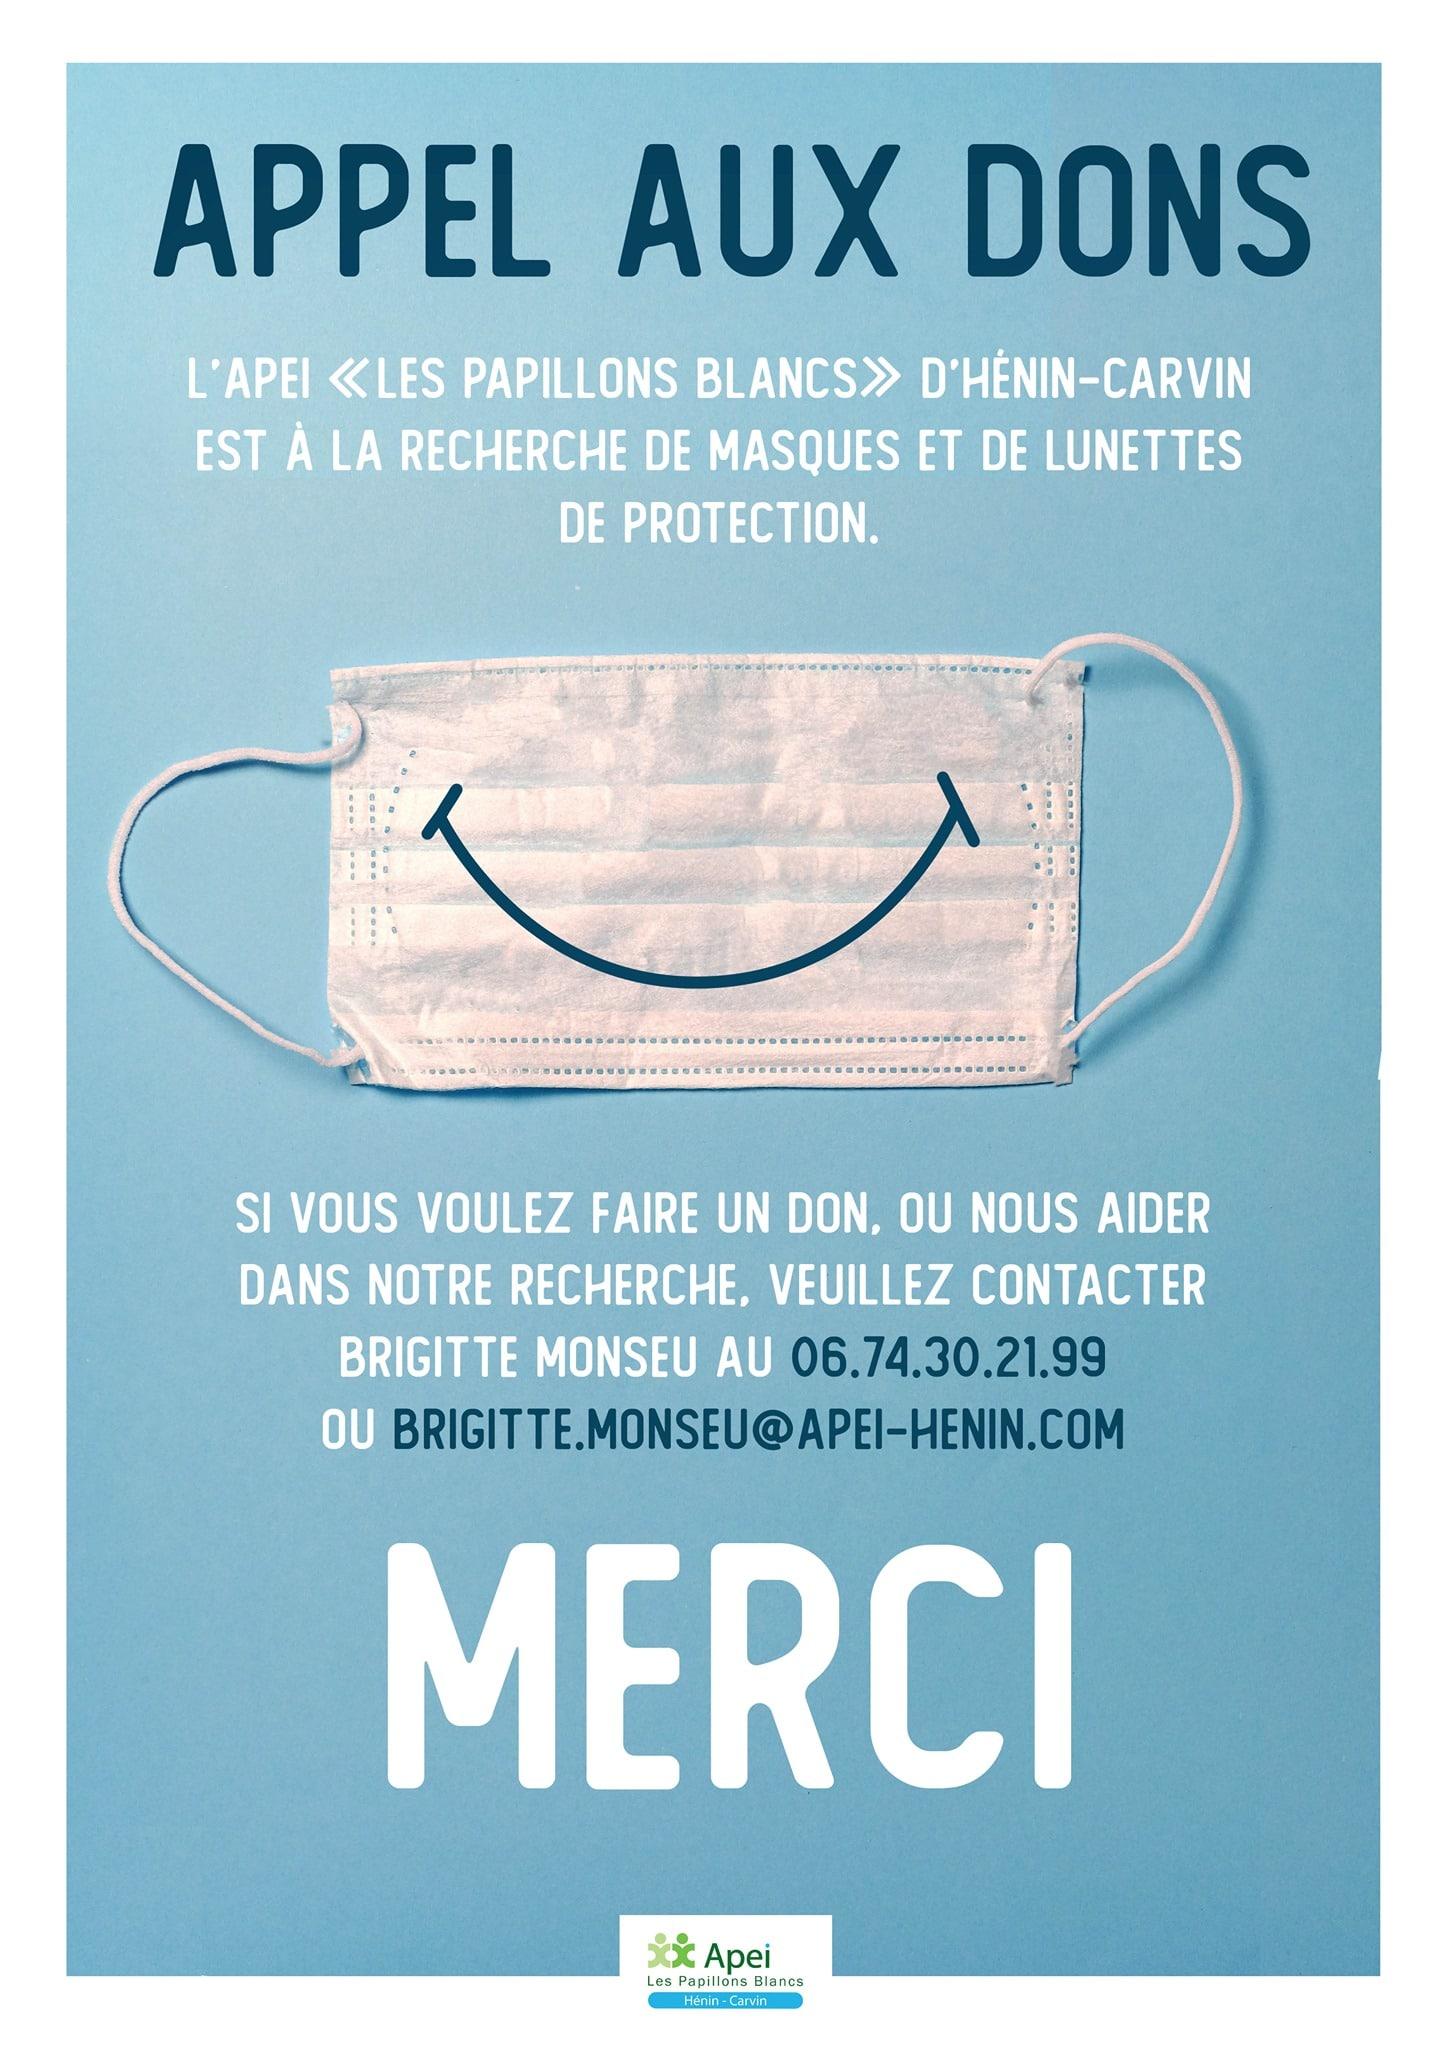 Affiche d'appel aux dons de matériel de protection de l'Apei Les Papillons Blancs d'Hénin-Carvin. Masque chirurgical avec un sourire dessiné dessus. Numéro de téléphone : 0674302199 Adresse mail : brigitte .monseu@apei-henin.com